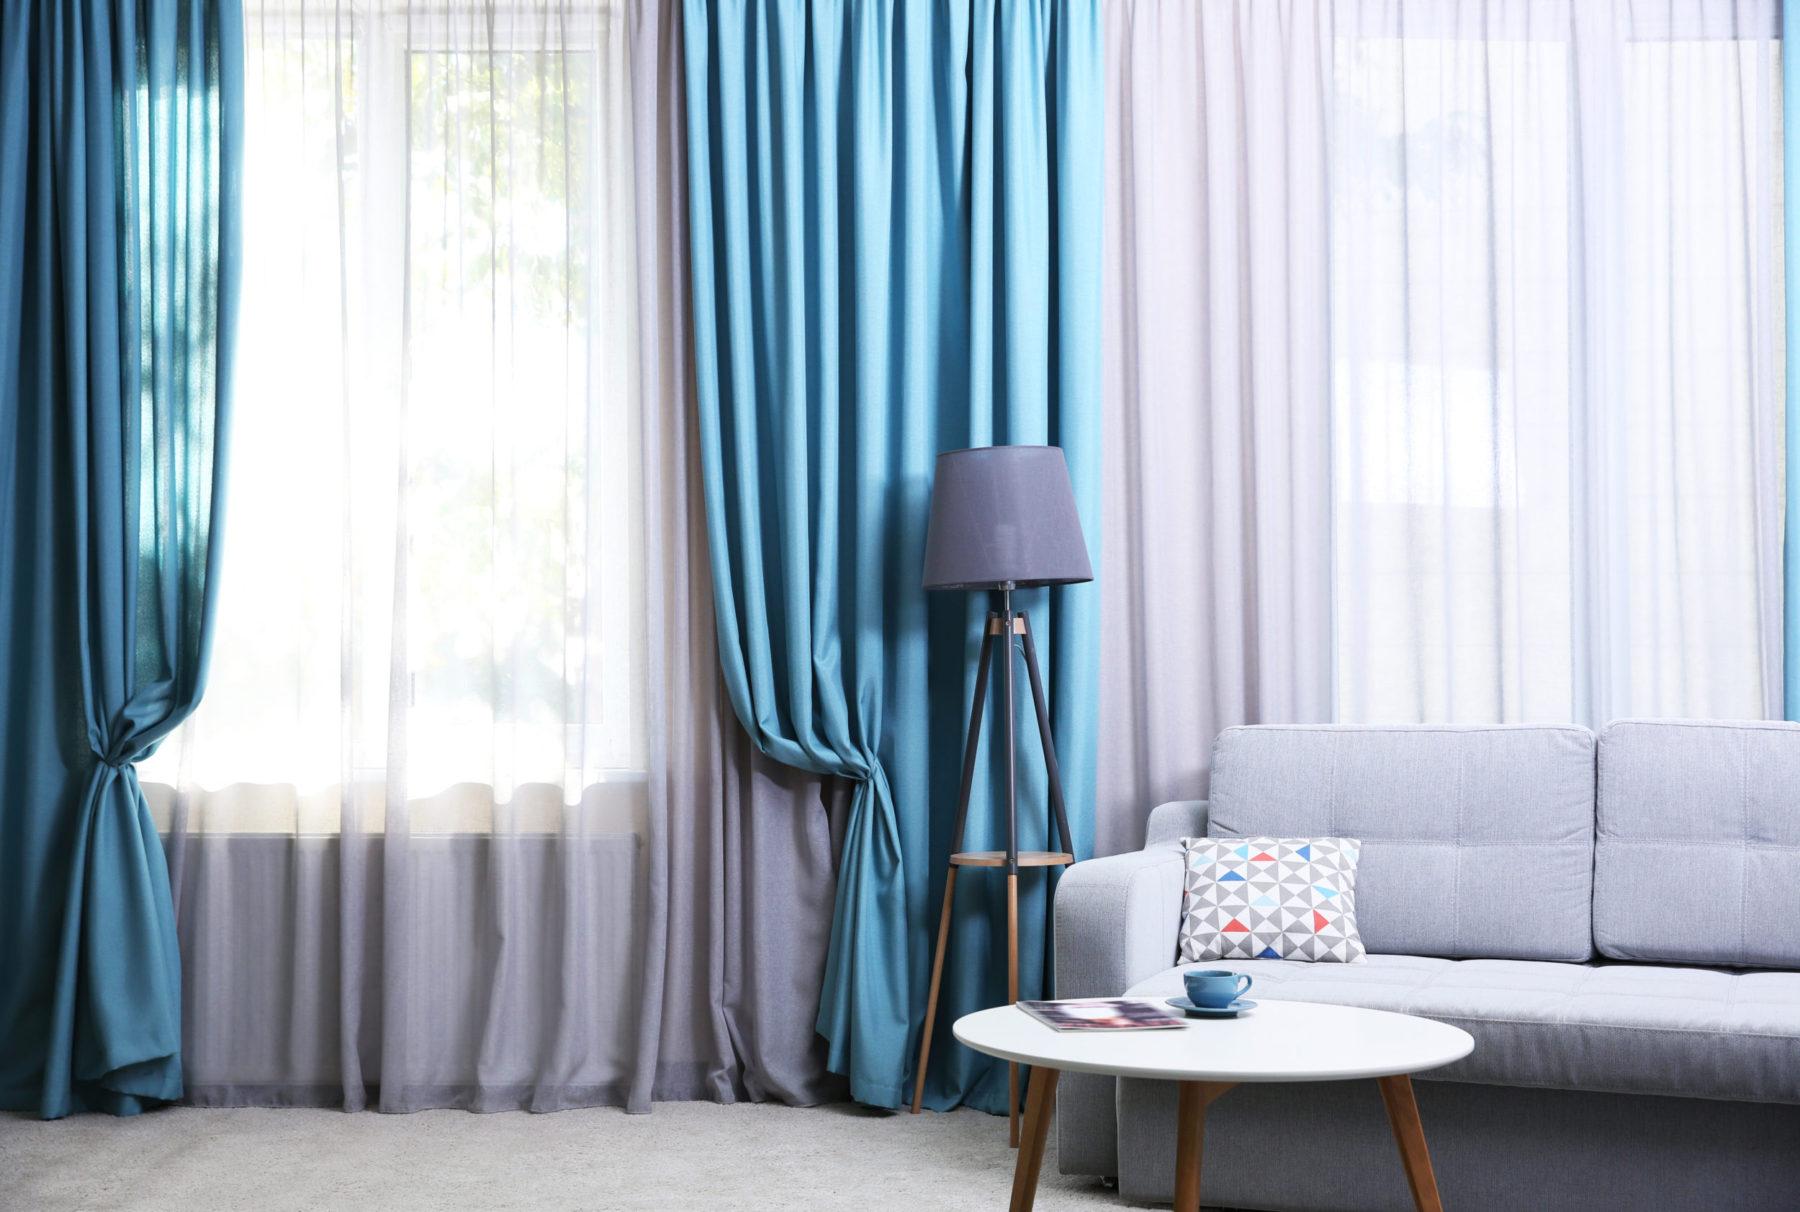 Barevné závěsy jako doplněk interiéru